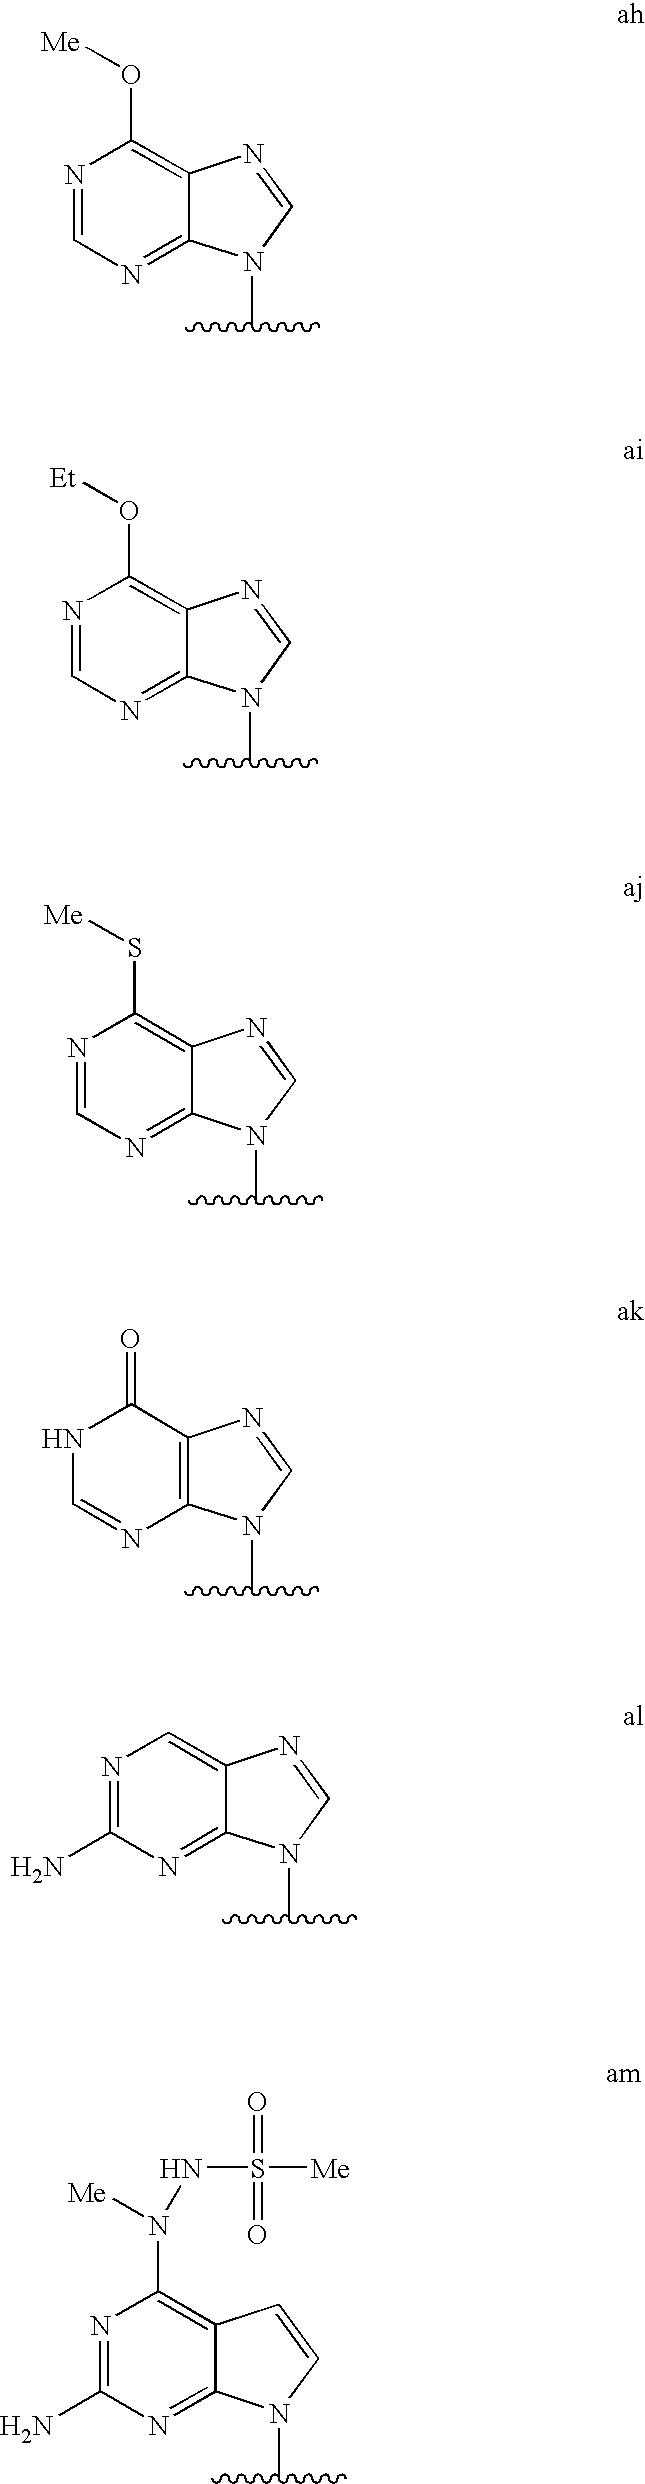 Figure US08173621-20120508-C00019